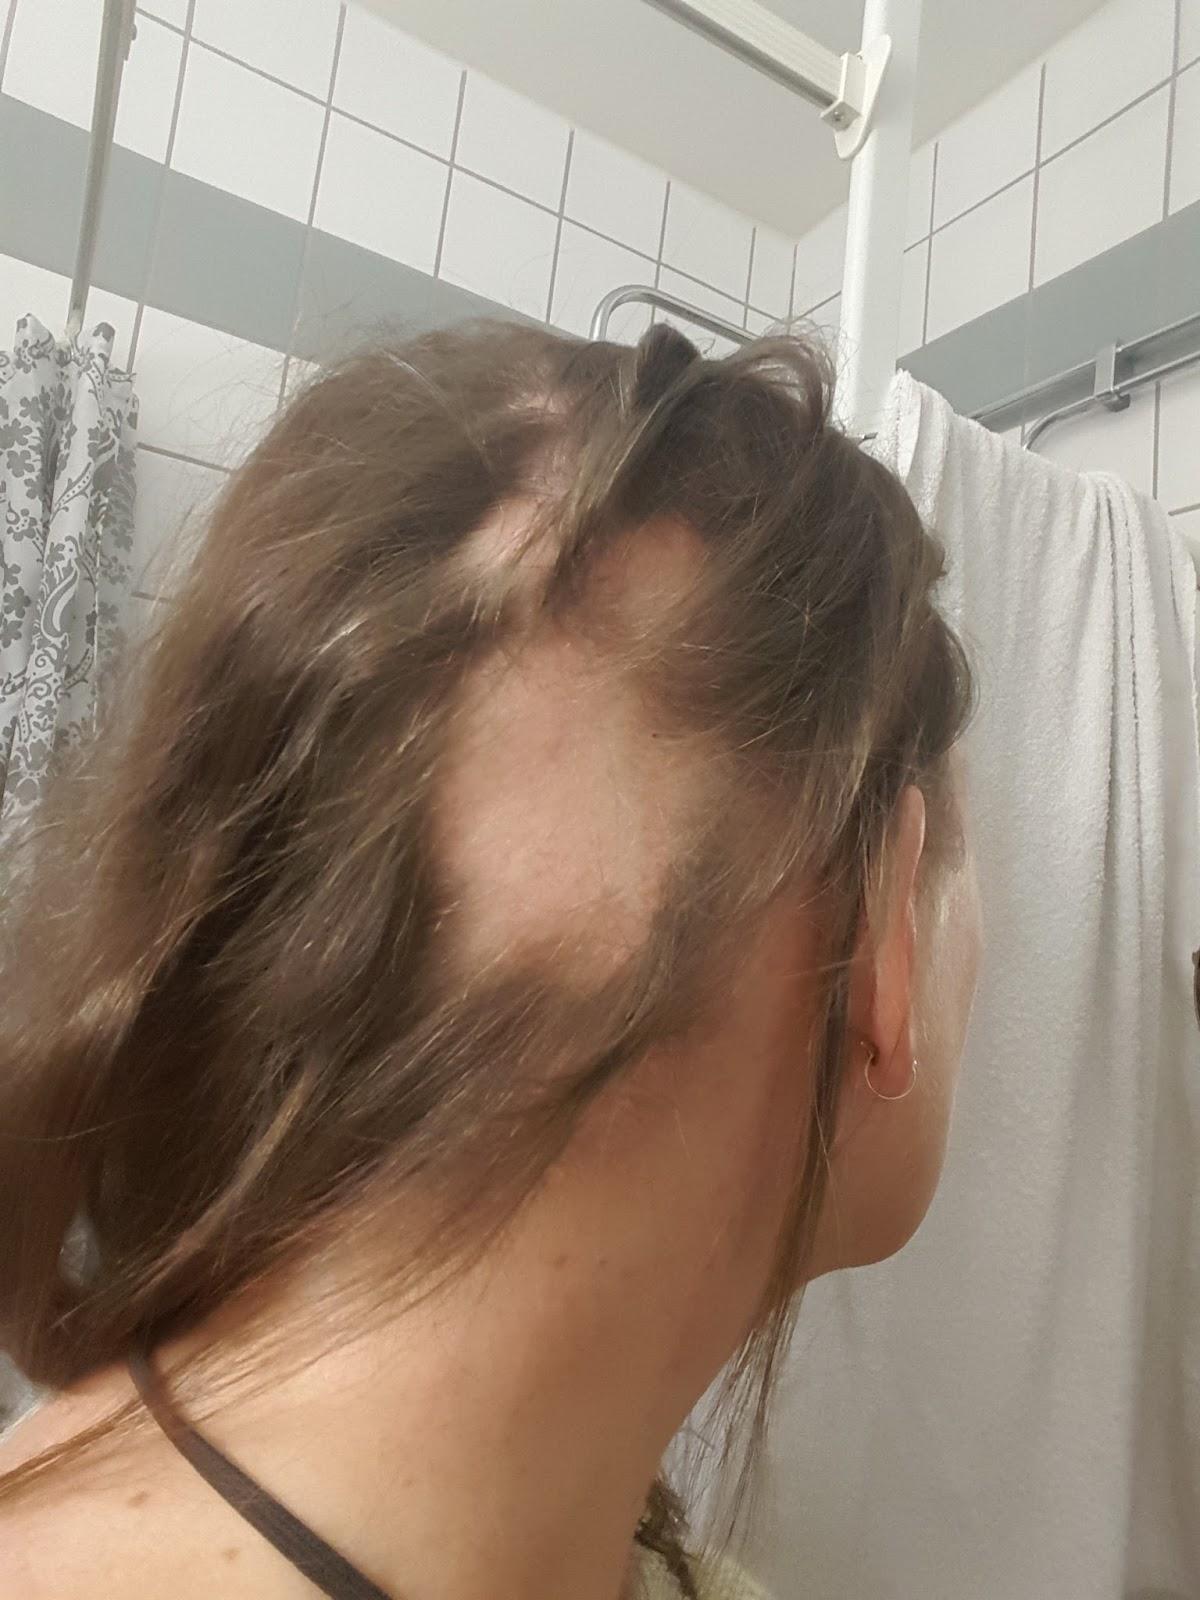 tappa hår fläckvis av stress